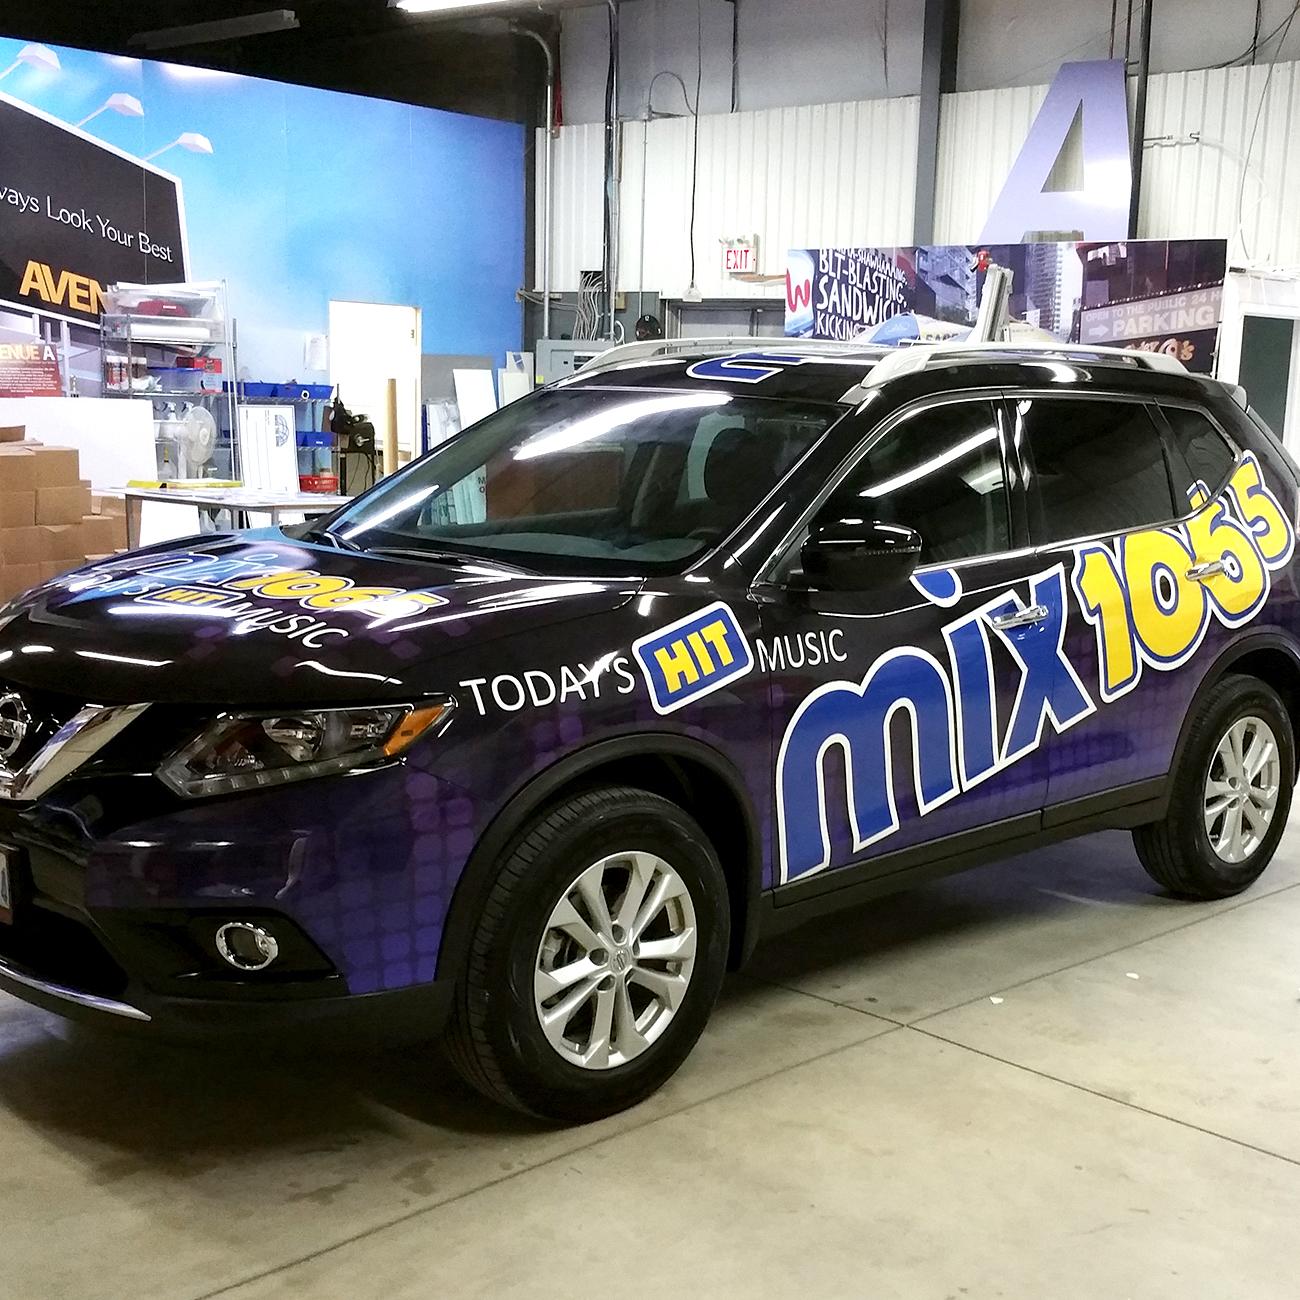 Mix 106.5 car